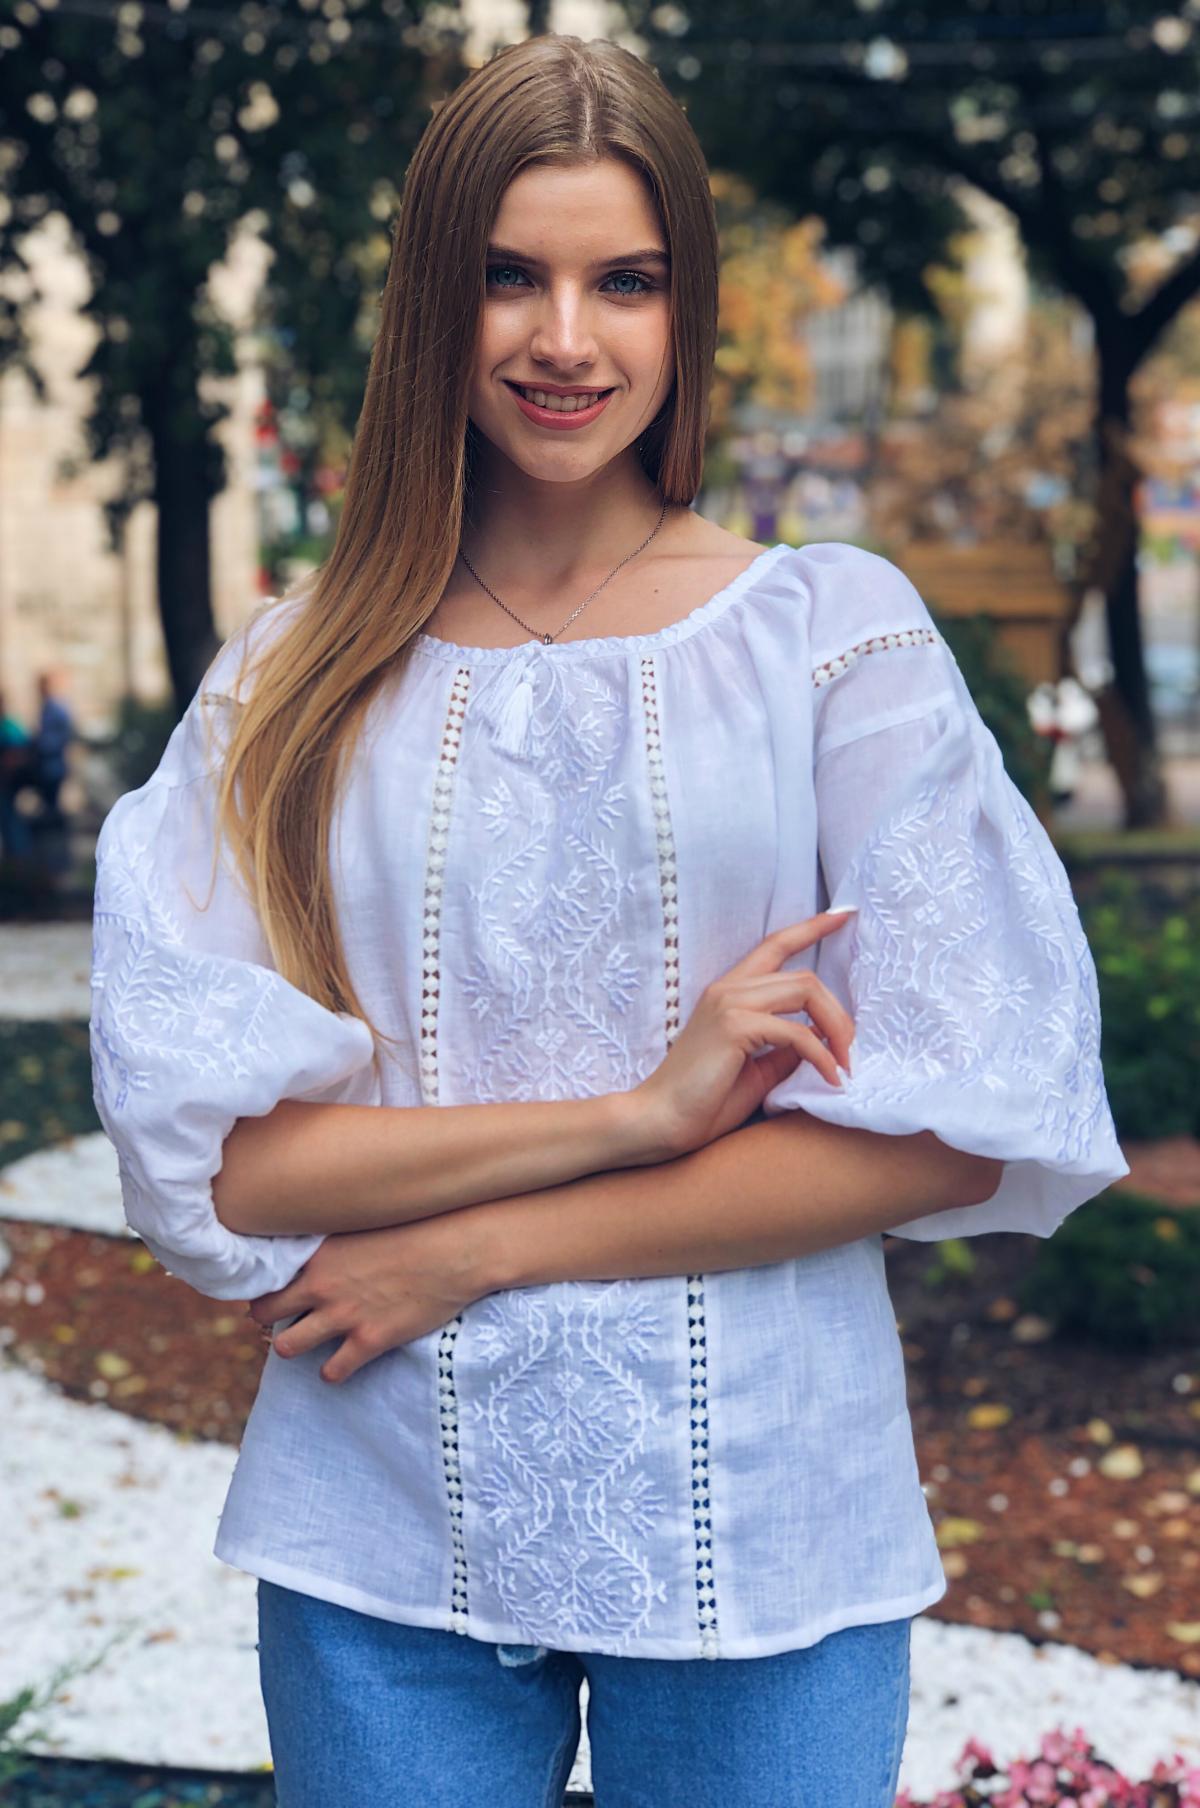 Біла жіноча вишита сорочка з білою вишивкою та рукавом 3/4. Фото №1. | Народний дім Україна